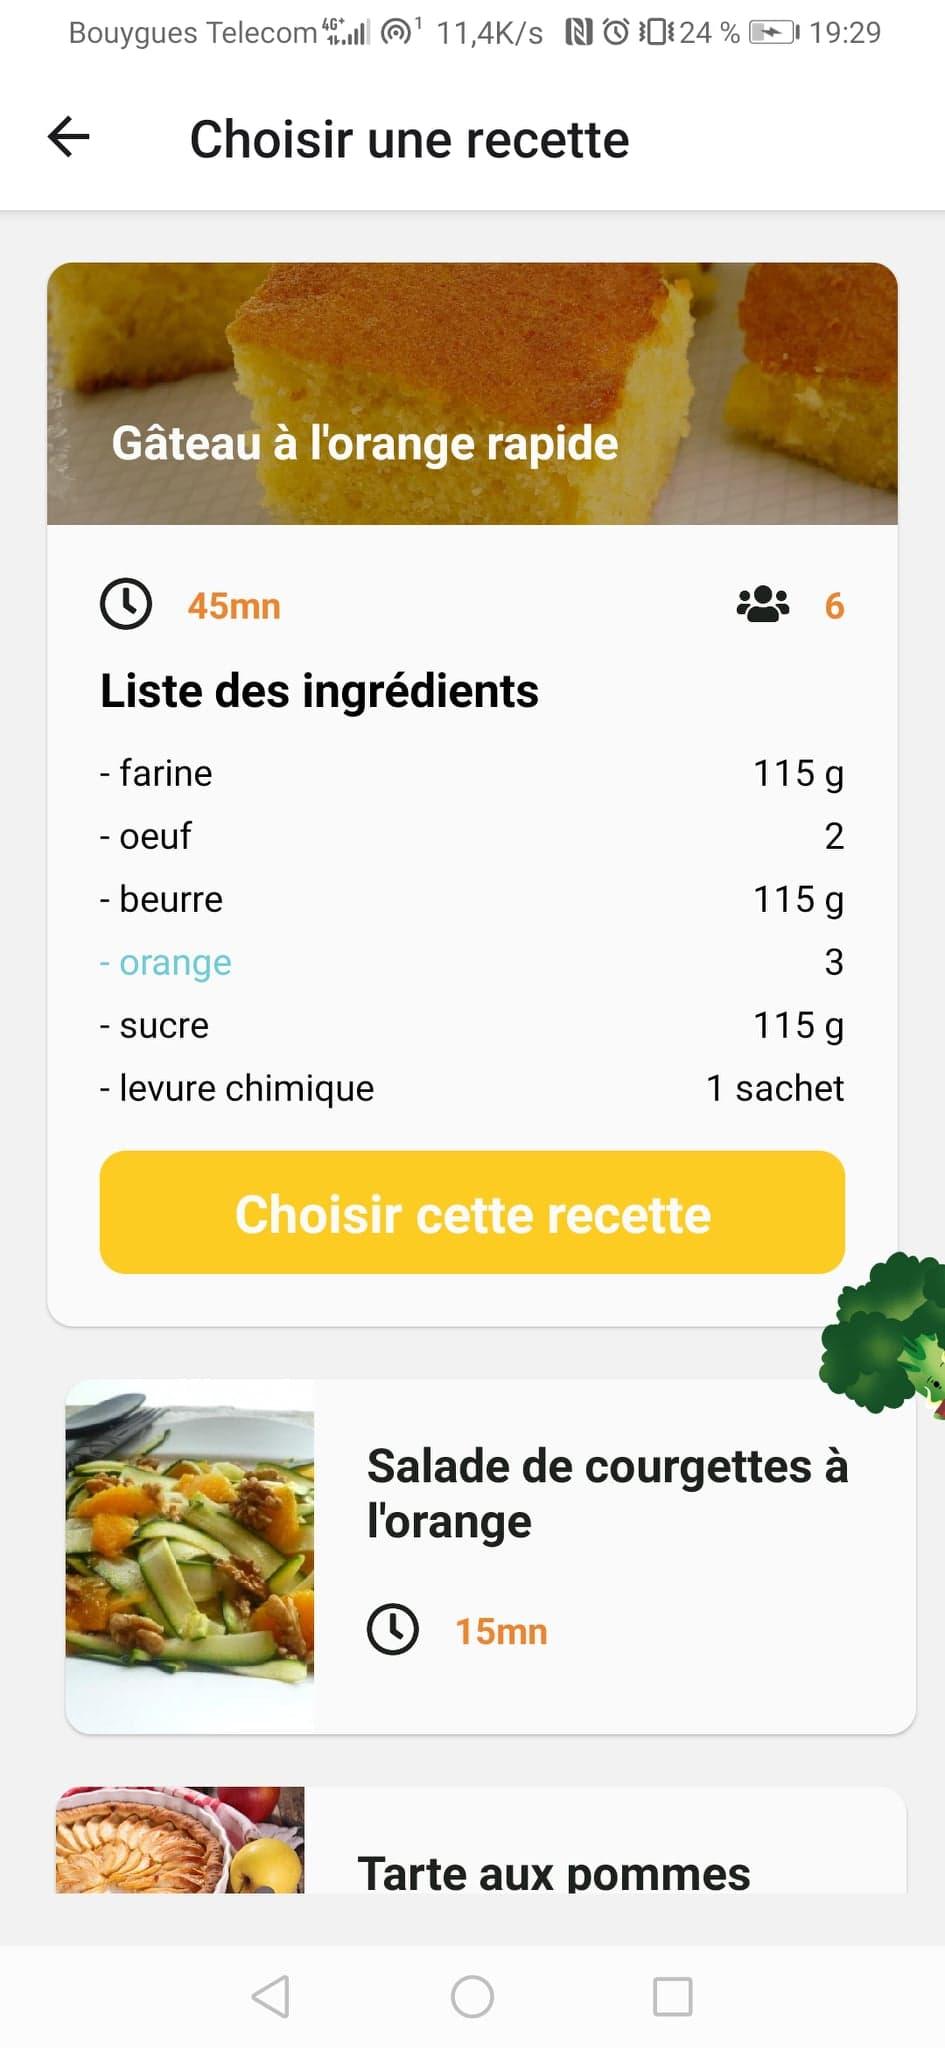 Ecran de sélection d'une recette proposée par rapport aux ingrédients choisis